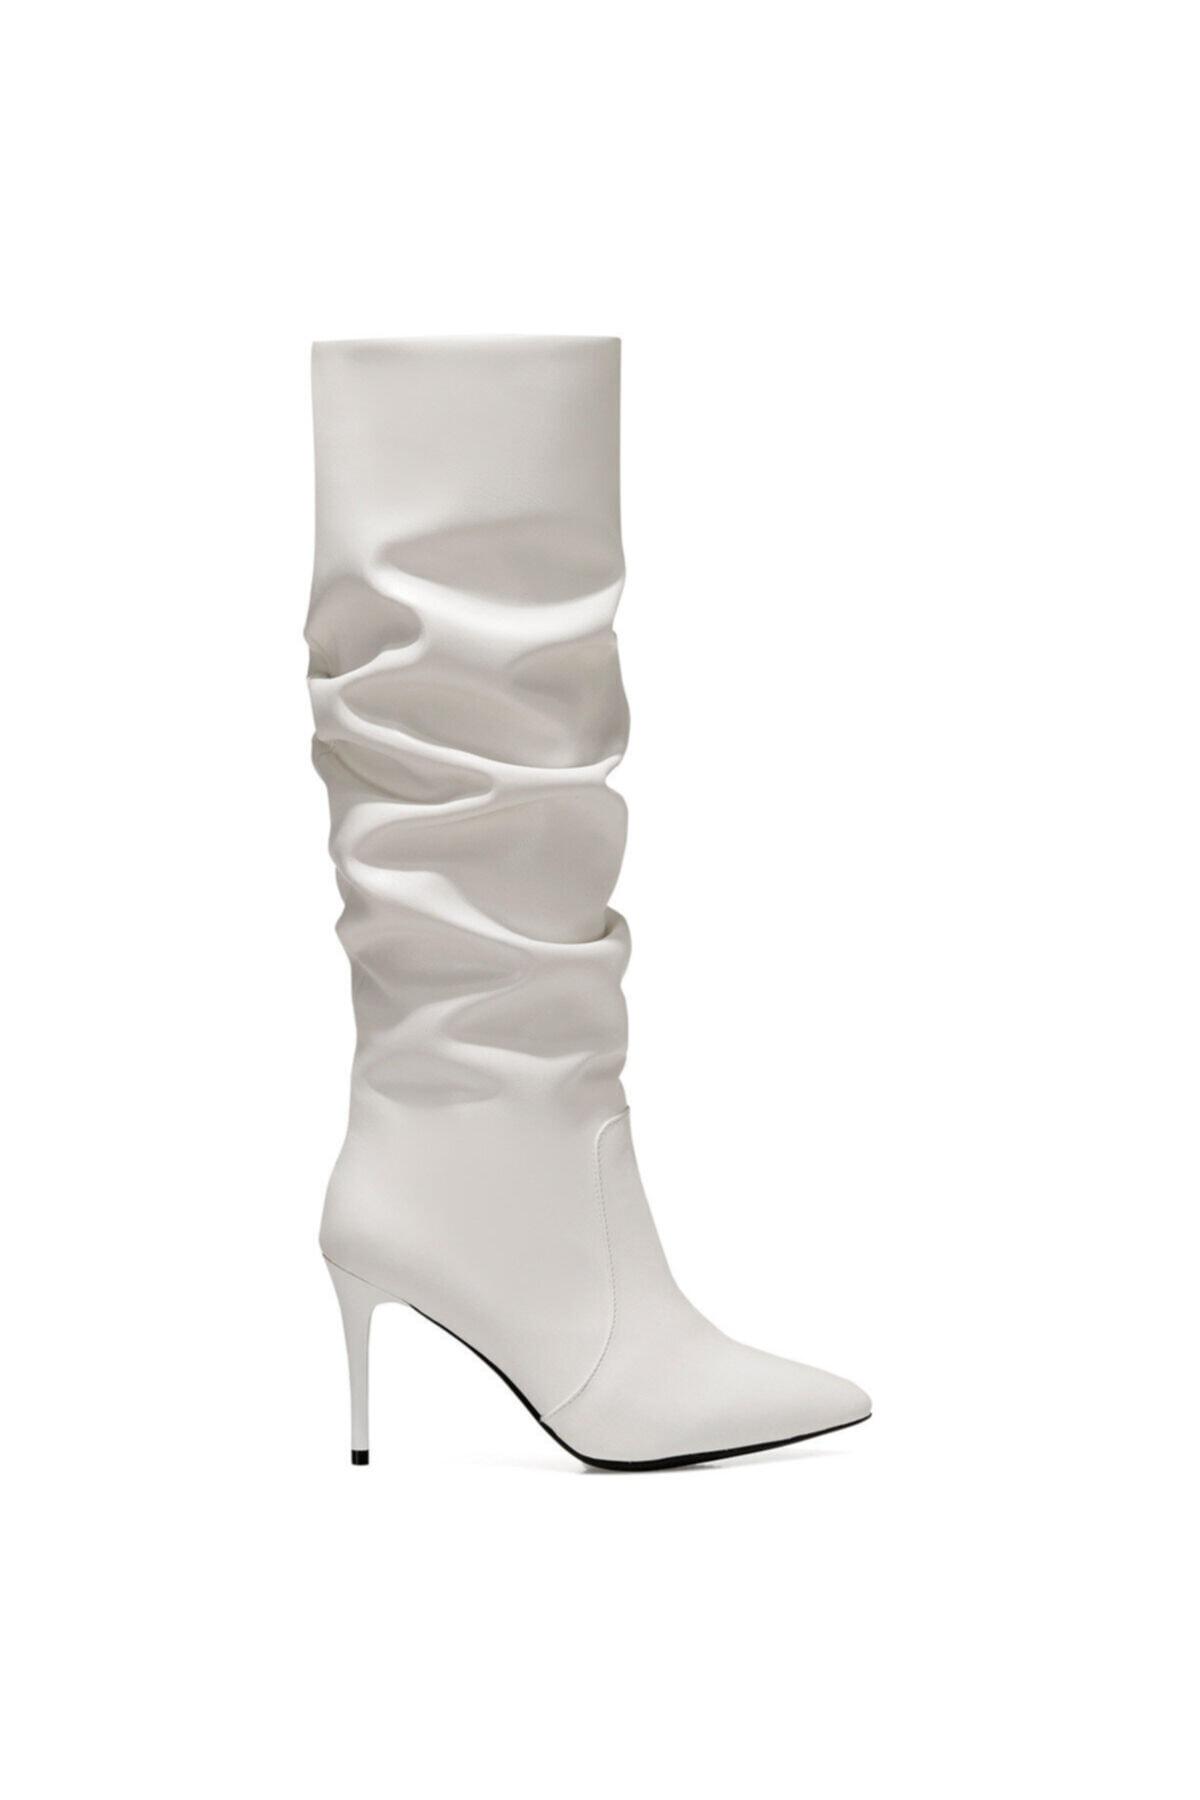 Nine West PINTO Beyaz Kadın Ökçeli Çizme 100582068 1